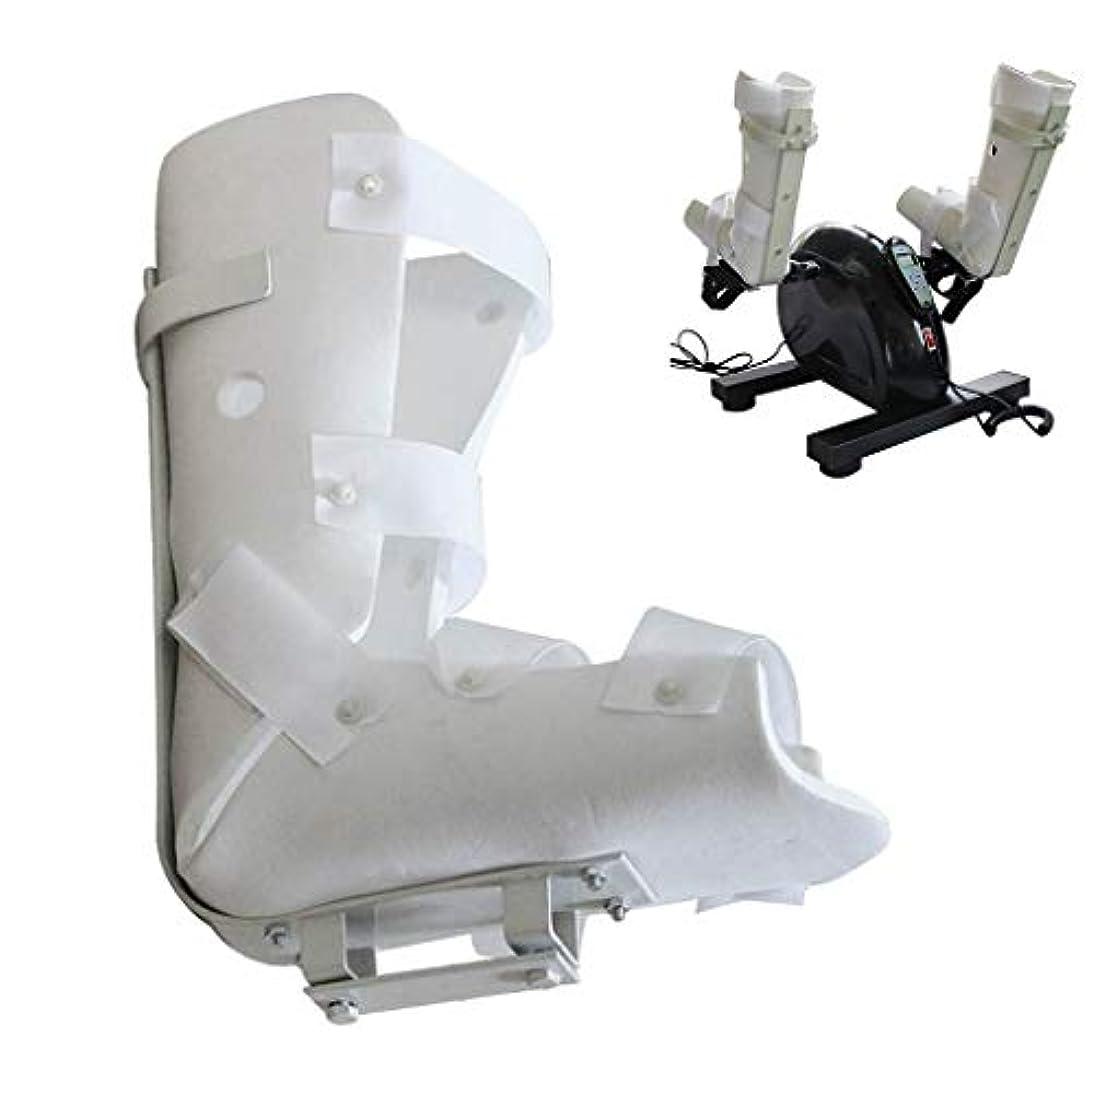 植生空中音声電子理学療法コンフォートソフトスプリント、ハンディキャップ障害者および脳卒中サバイバー、1ペア用のリハビリバイクペダル電動トレーナーの脚サポート